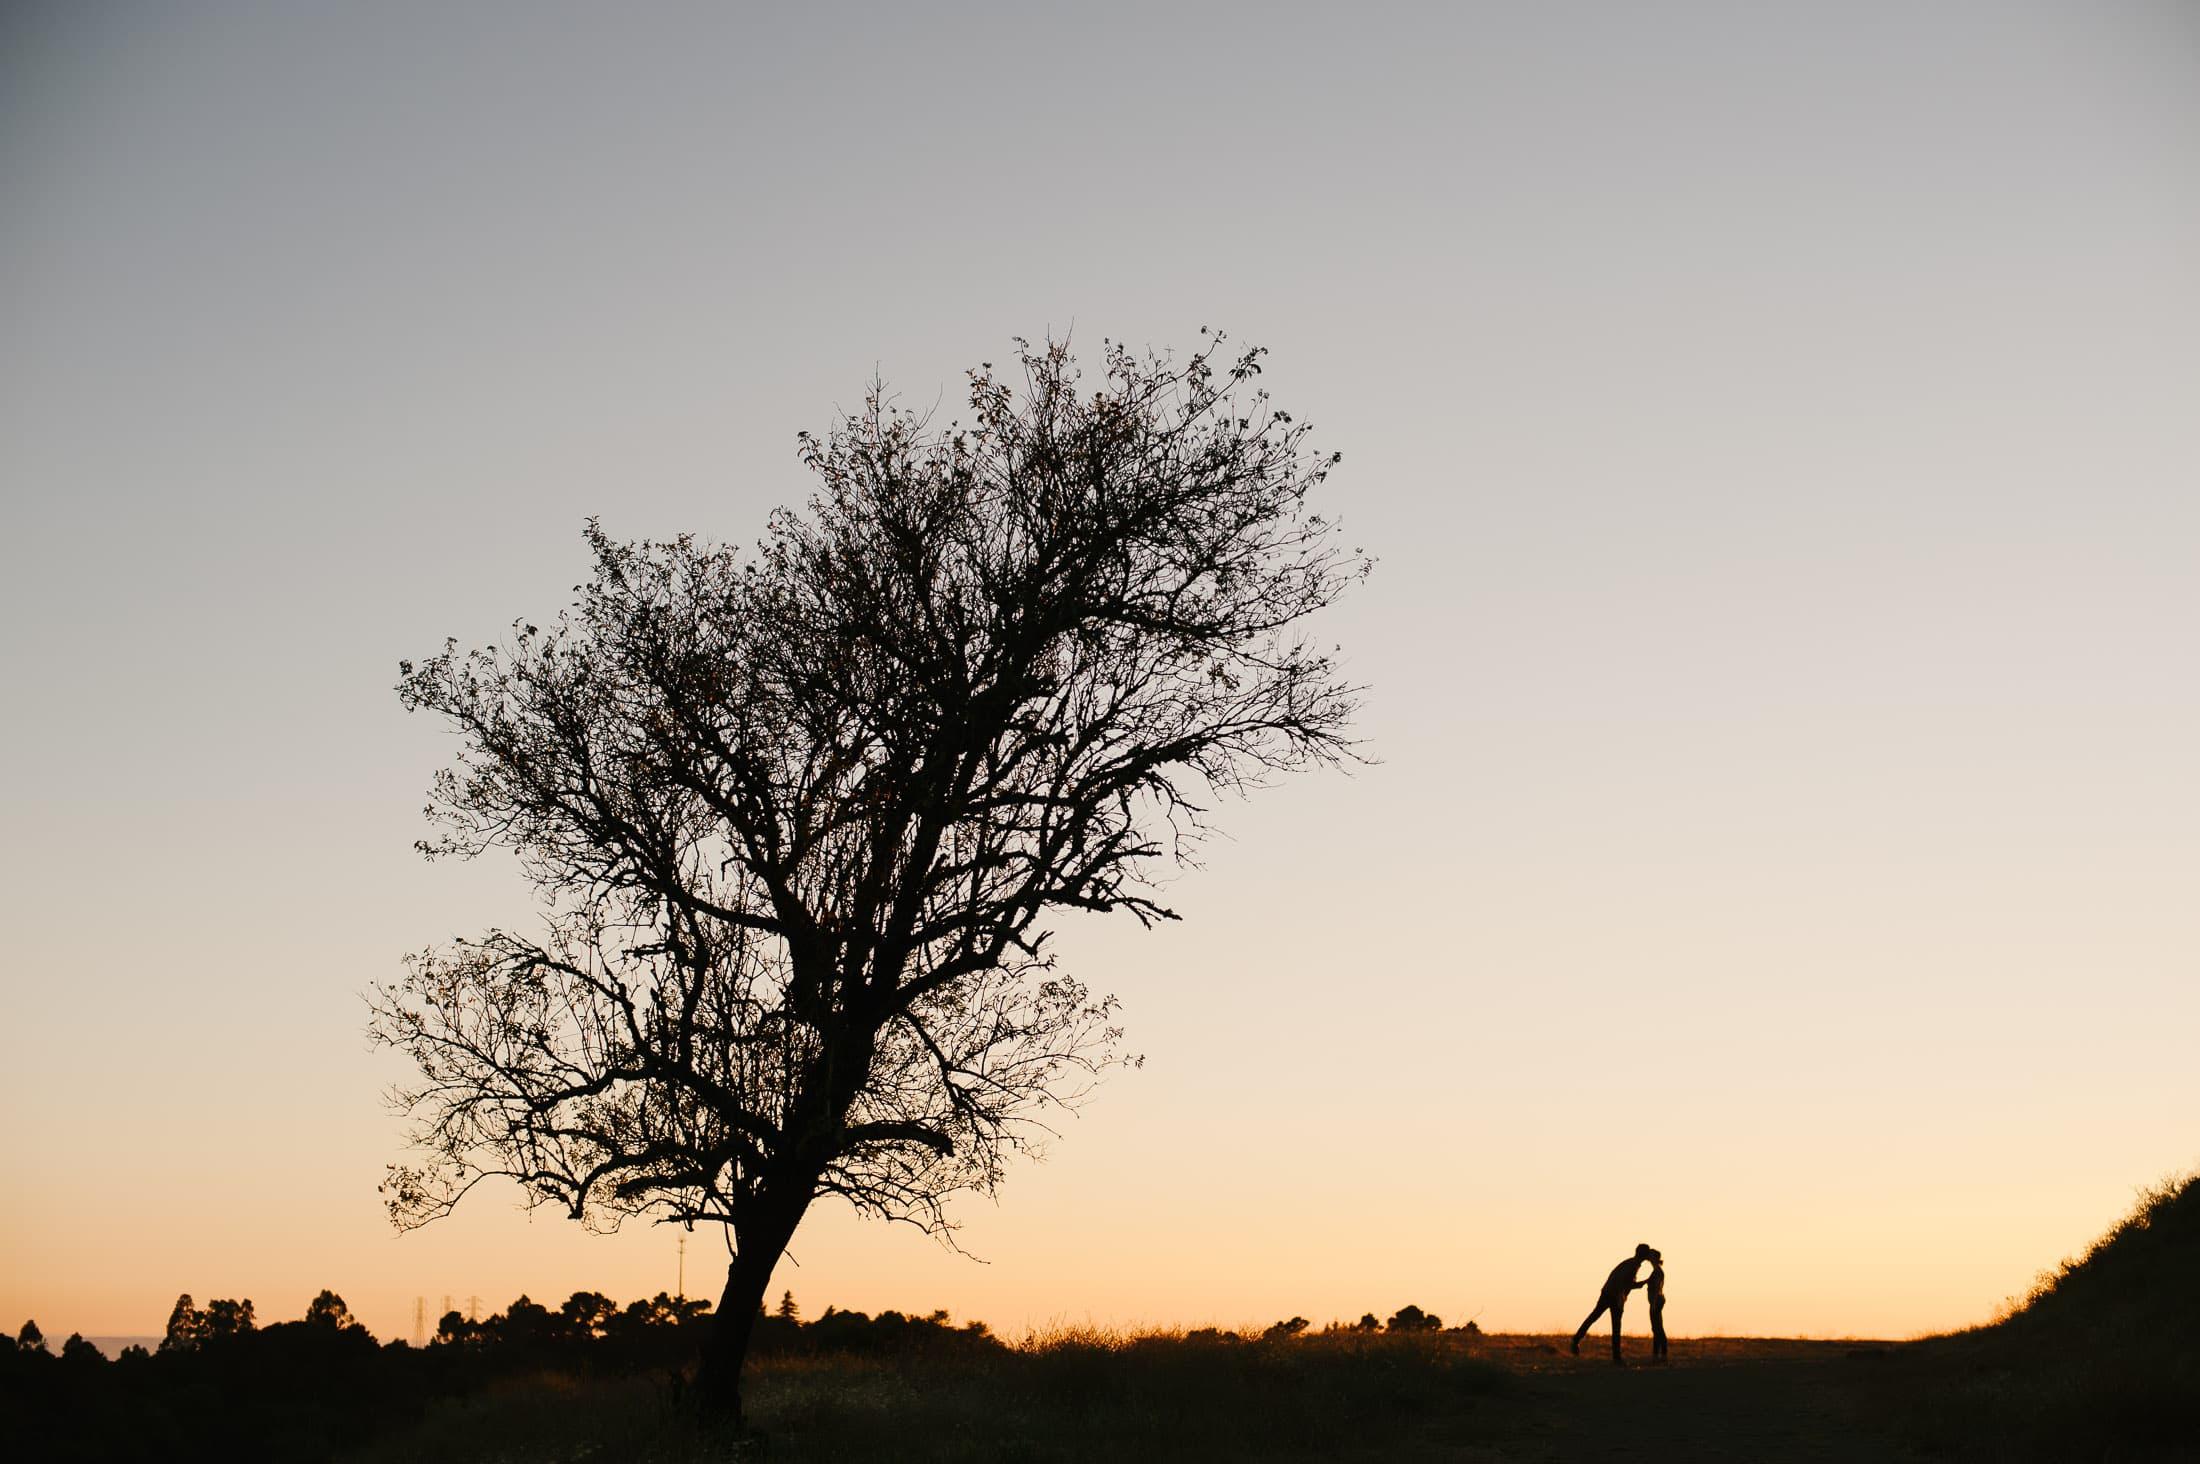 Sibley Park Engagement